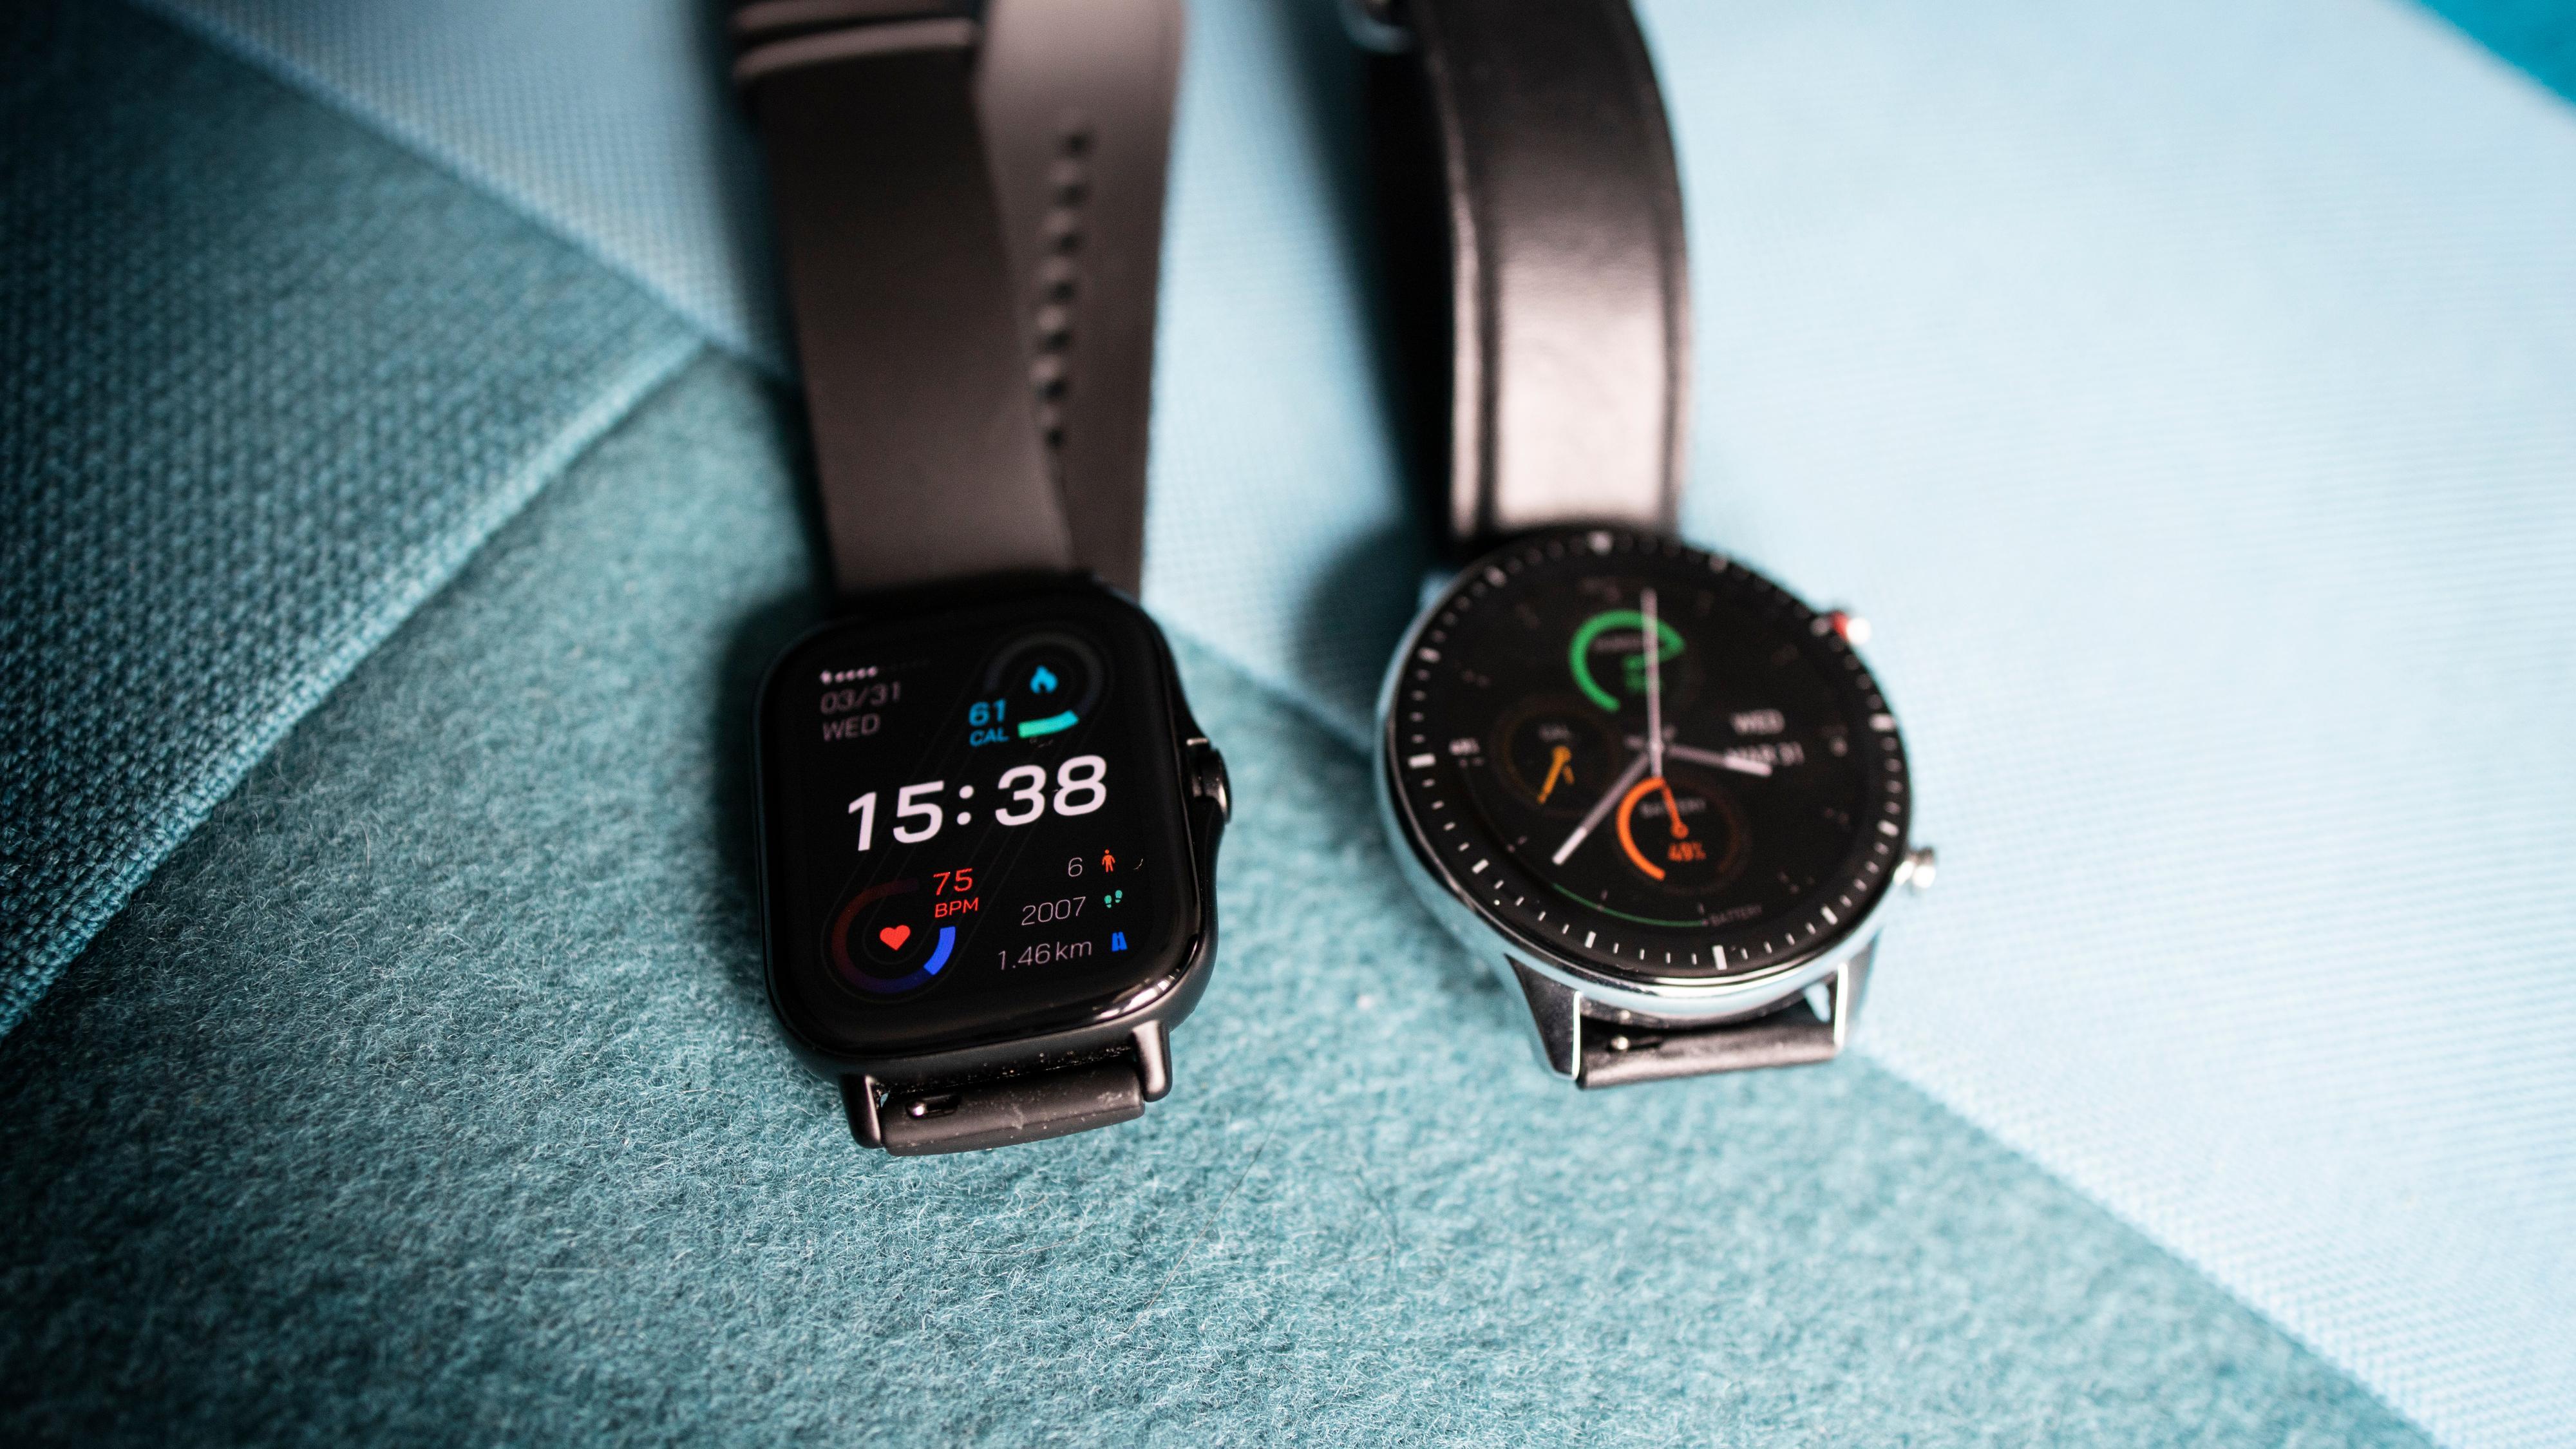 Amazfit GTS 2 (til venstre) og GTR 2 er i praksis samme klokke, men med ulik utforming og ulik batteritid.